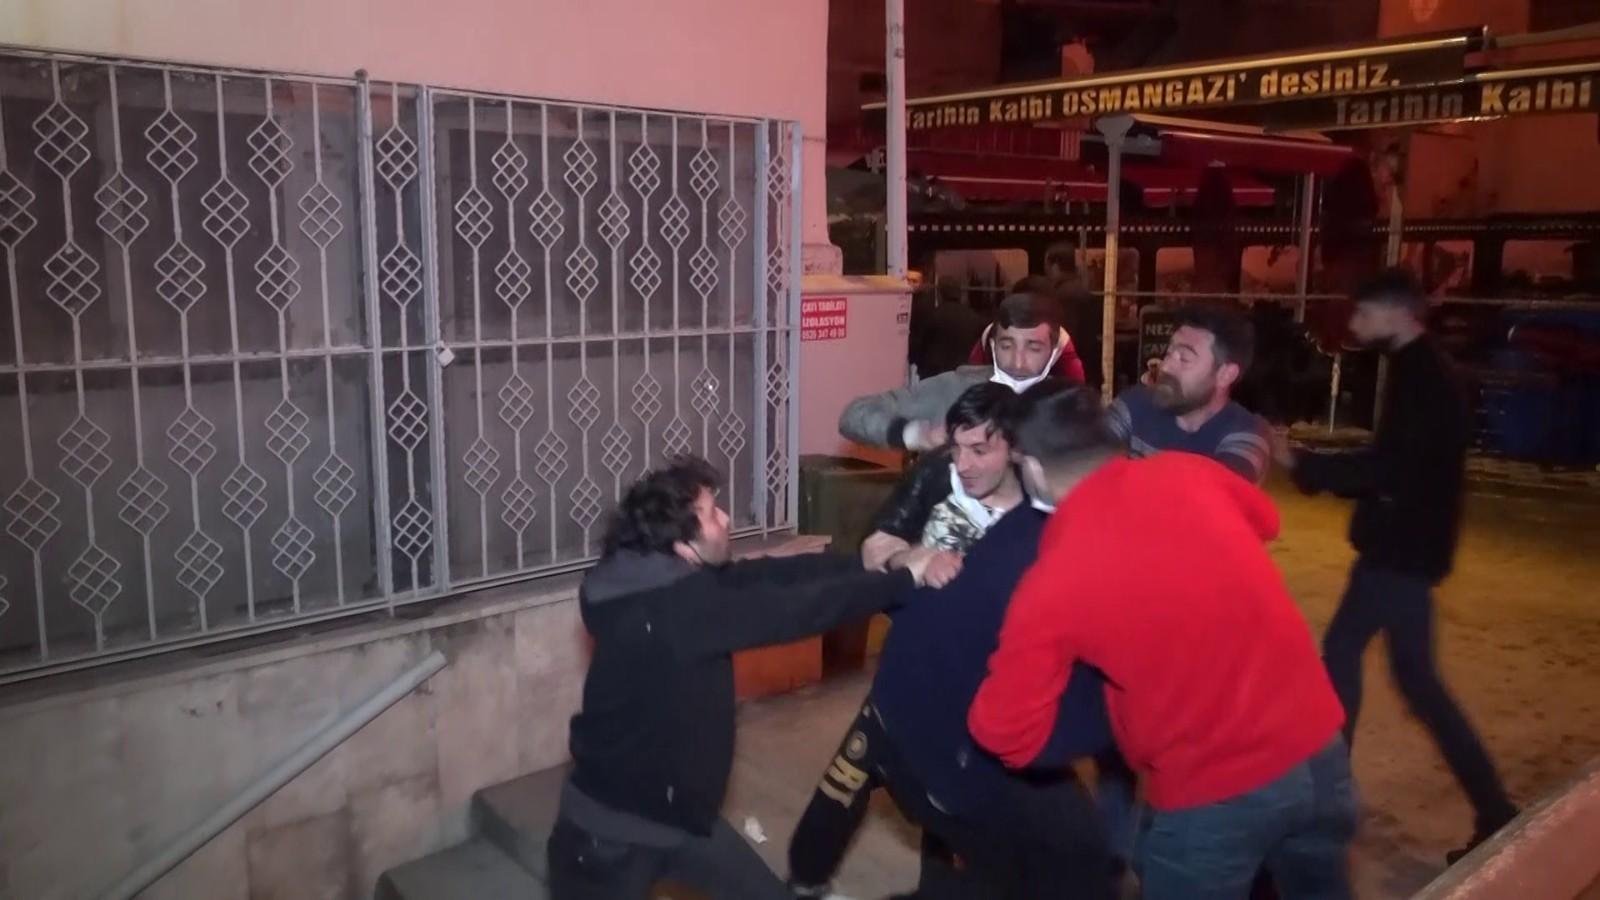 Bursa'da antikacı dükkanındaki yangın sırasında büyük kavga - Bursa  Haberleri